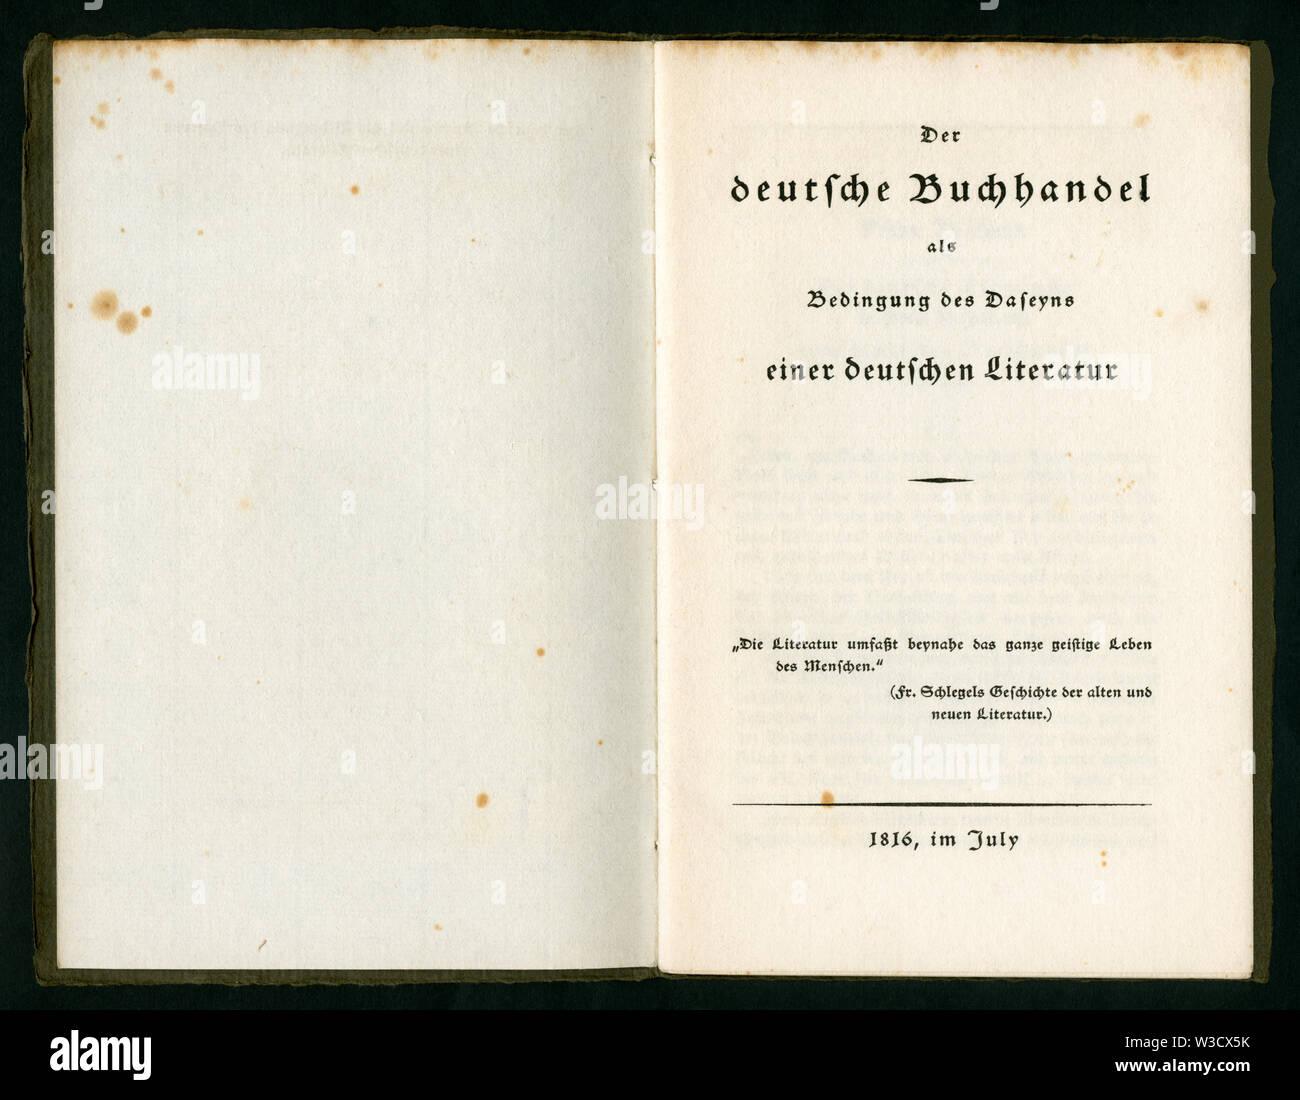 Europa, Deutschland, Broschüre ' Der deutsche Buchhandel als Bedingung des Daseyns einer deutschen Literatur ',  Schmutztitel und Titel, 30 Seiten , h - Stock Image